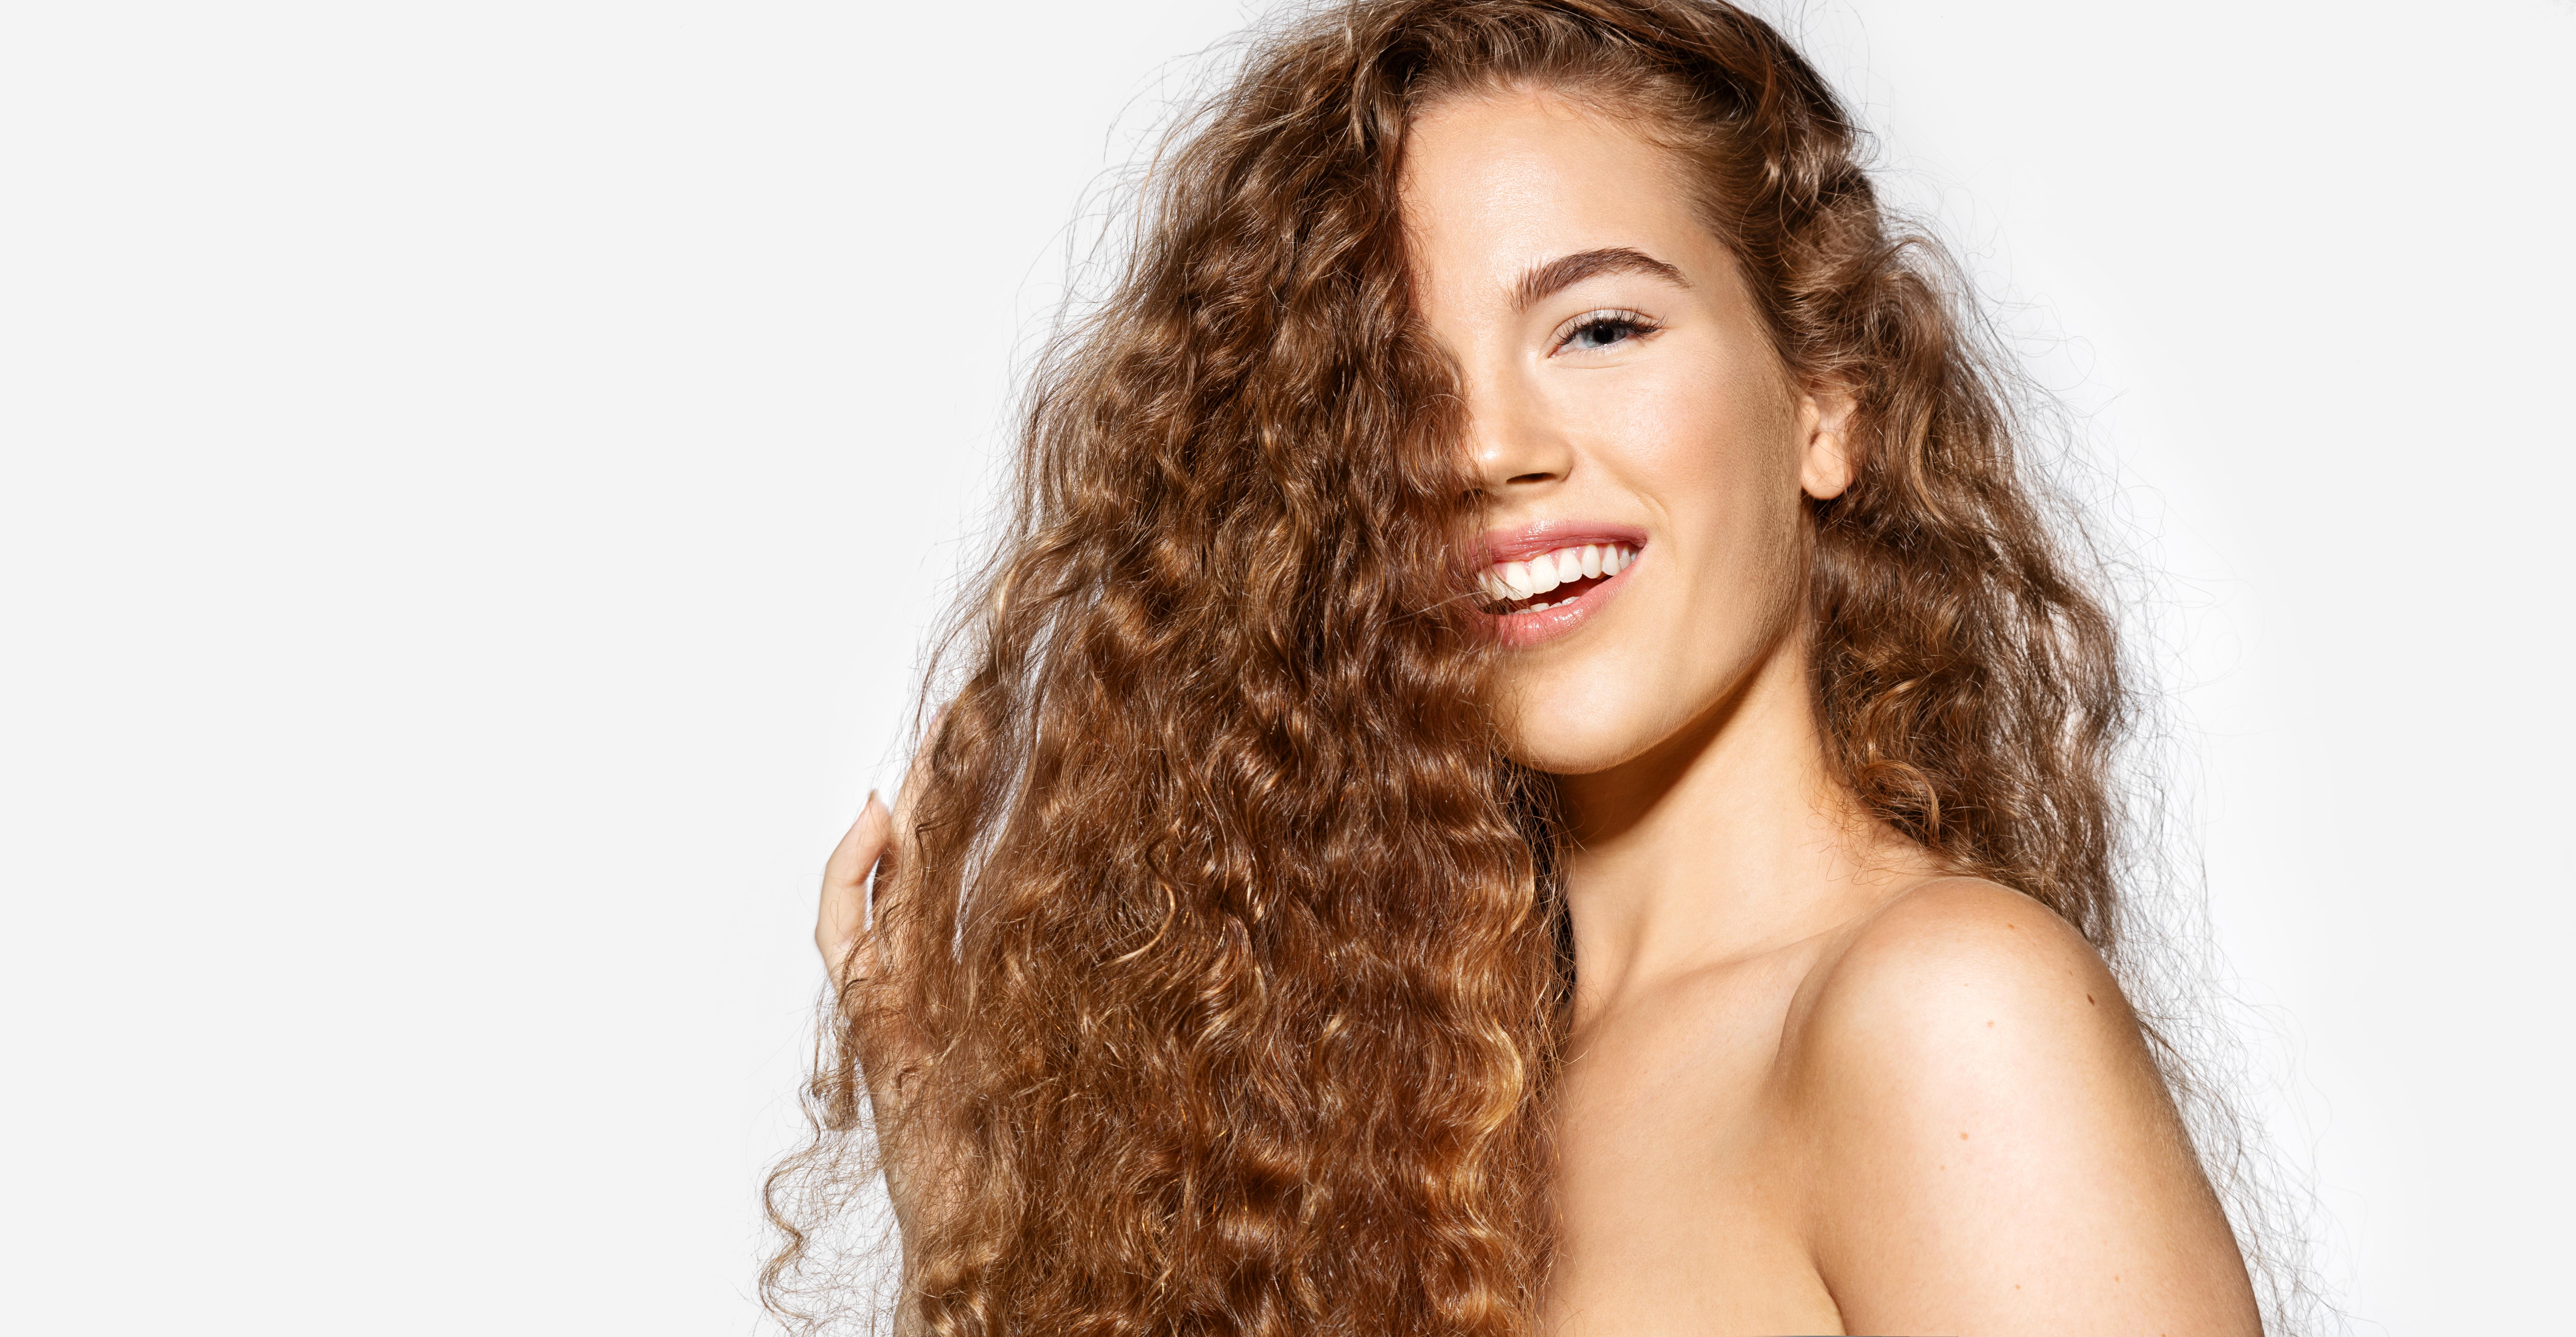 Δες αυτό το βίντεο στο TikTok γιατί μπορεί να έχεις σγουρά μαλλιά και να μην το ξέρεις!